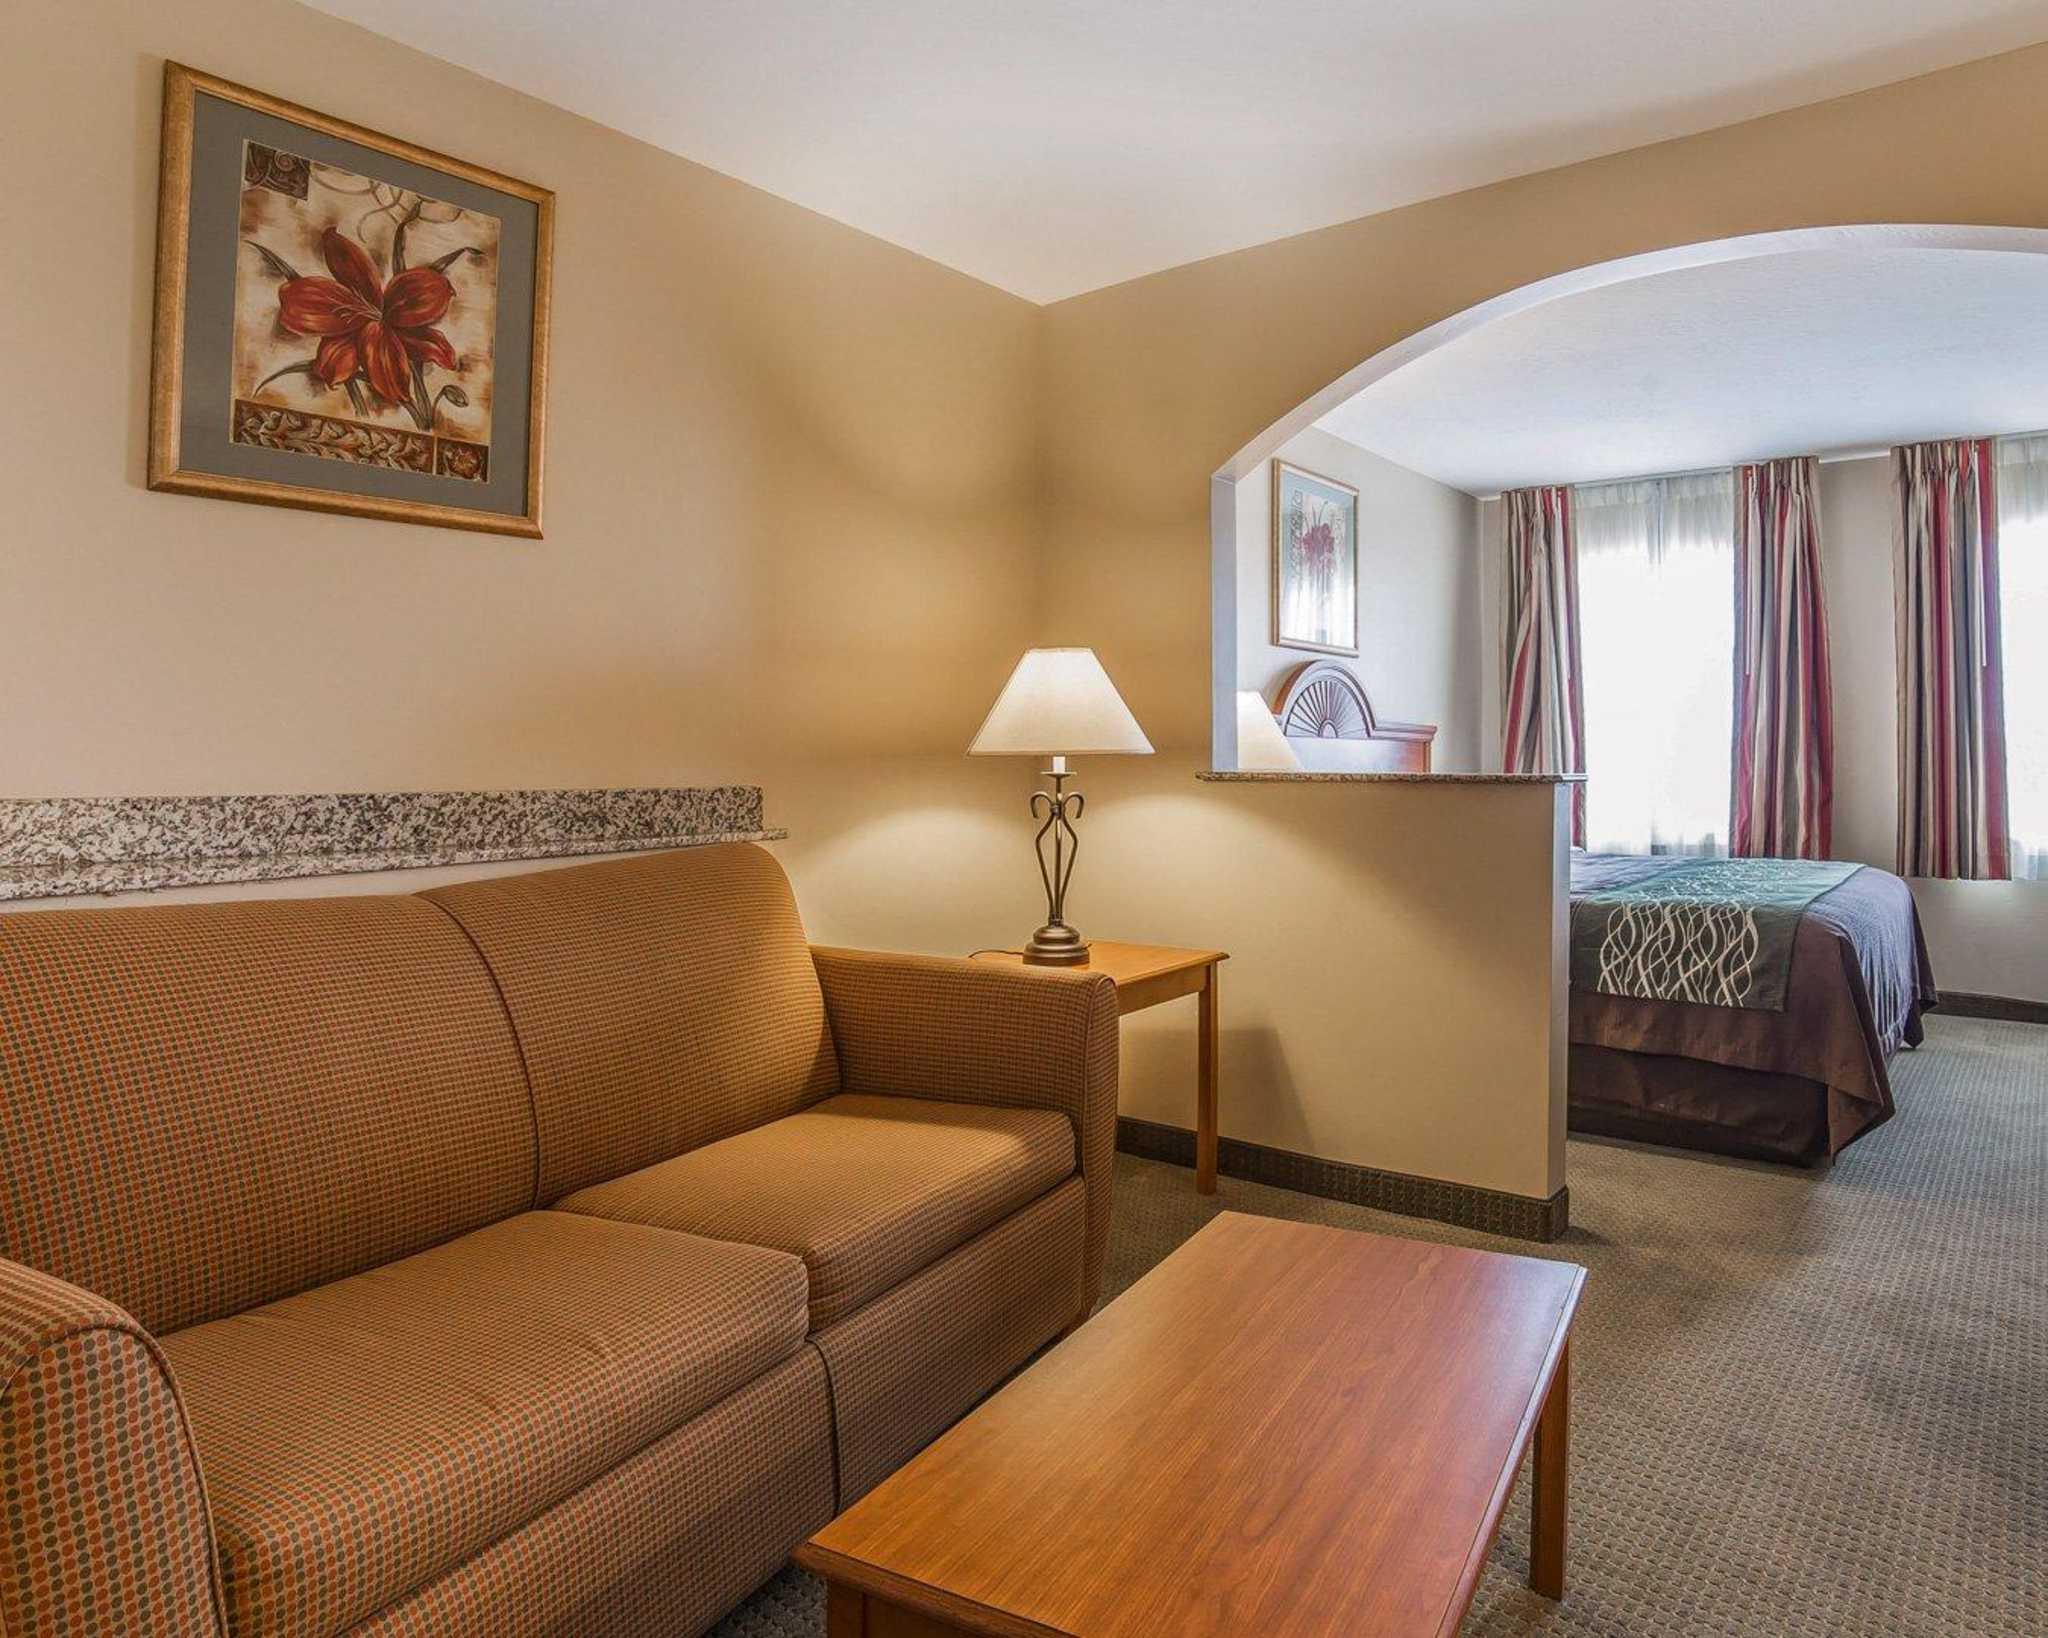 Comfort Inn image 21